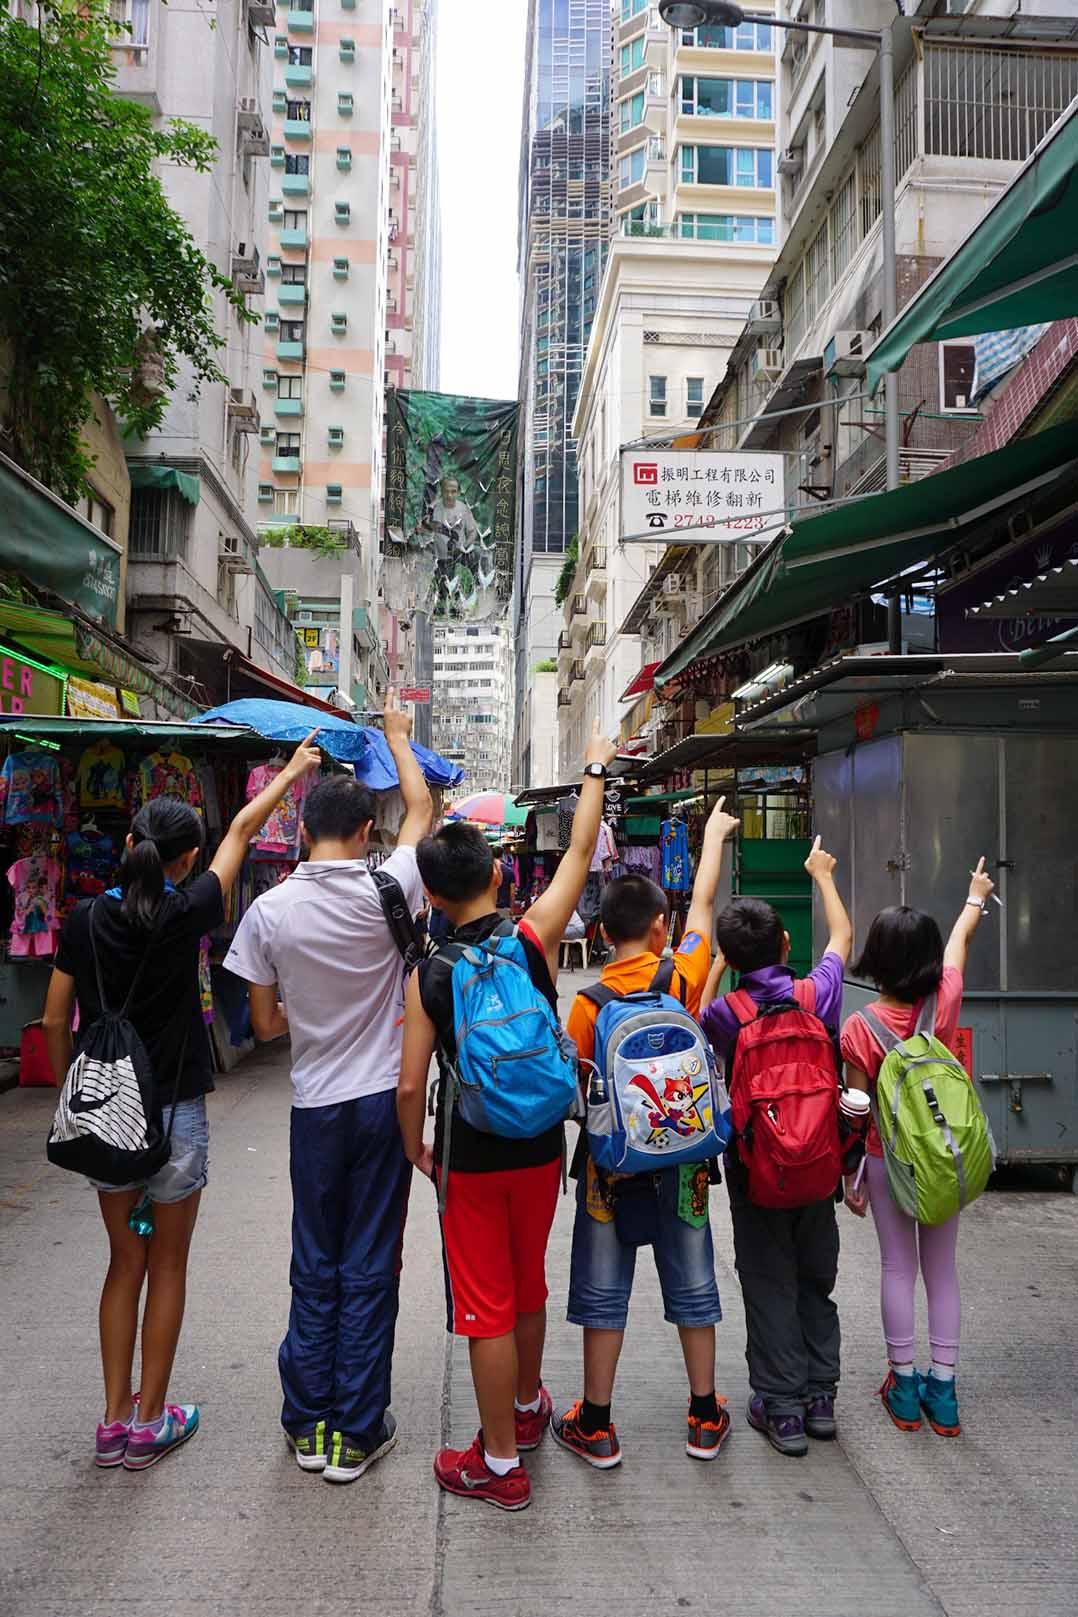 趙永佳:「優學年」計劃的重點活動,就是讓他們走訪香港各社區,發掘它們的特色和趣點。照片由趙永佳提供